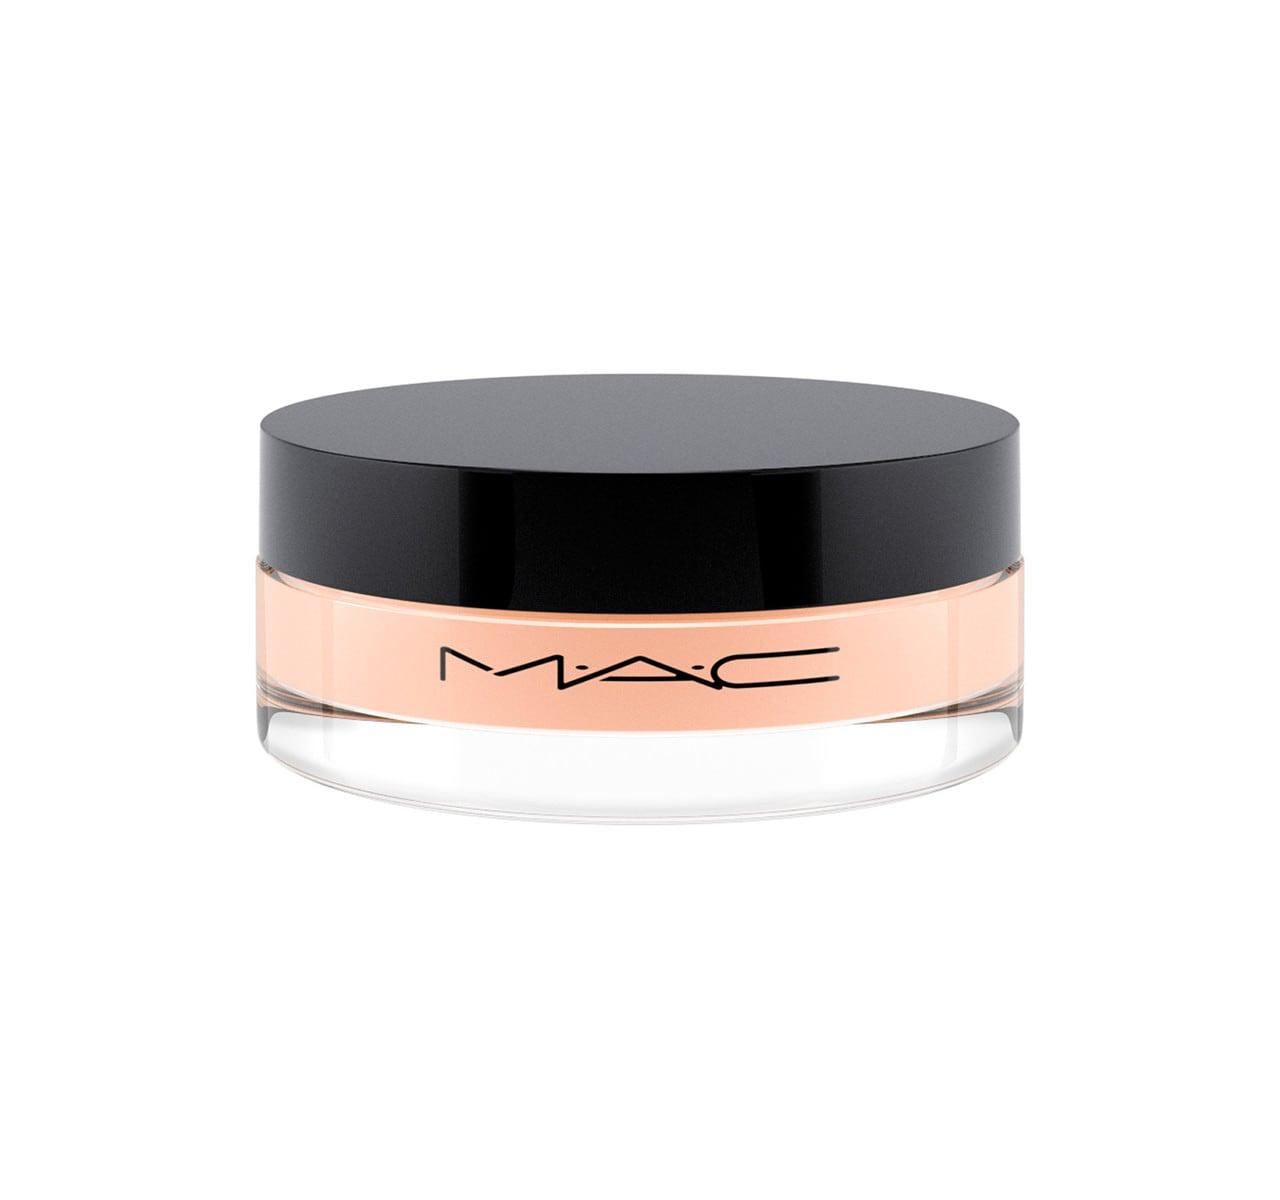 studio fix perfecting powder mac cosmetics official site